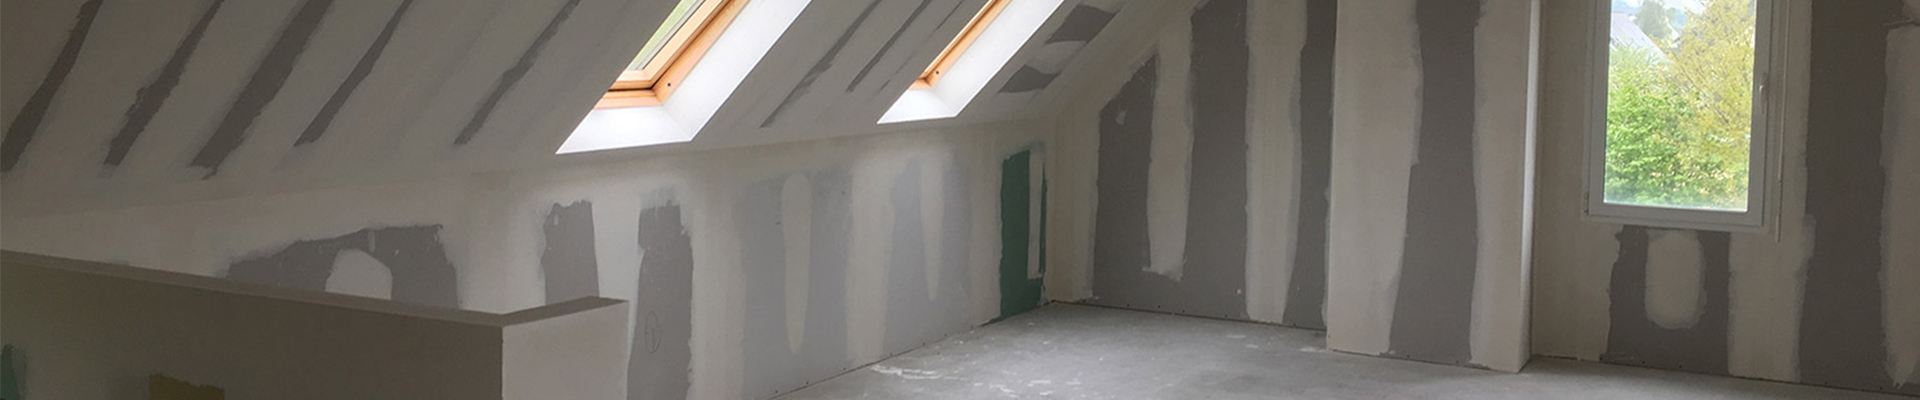 Galerie plâtrerie sèche, isolation